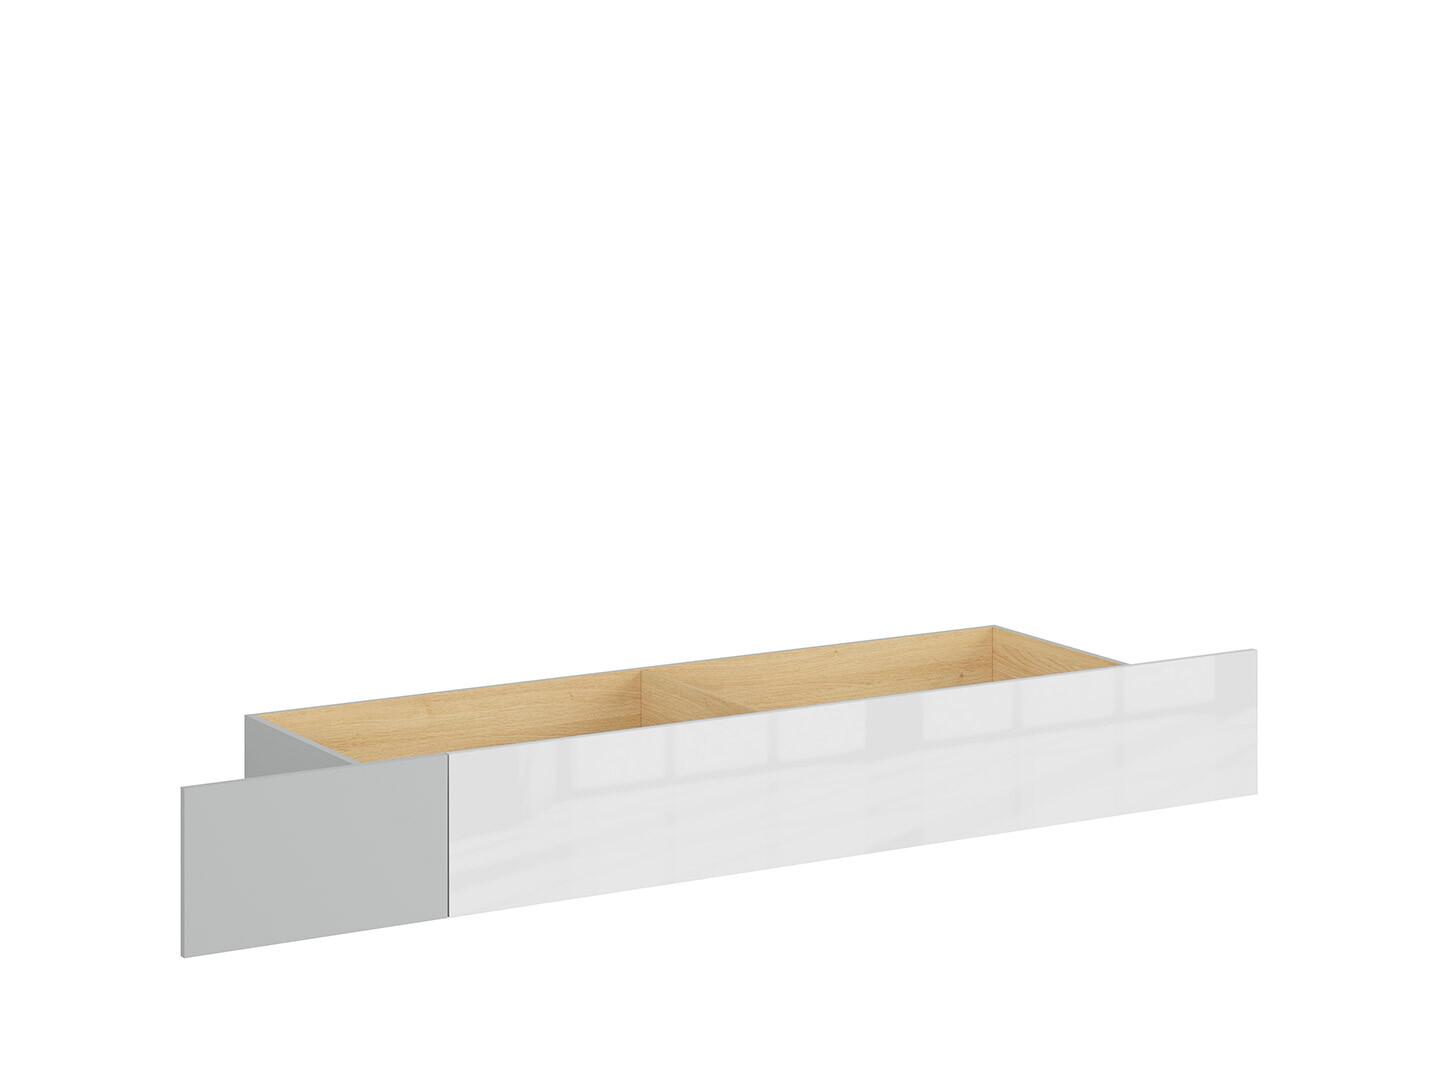 Zásuvka pod posteľ NANDU SZU svetlosivá/ dub poľský/ biely lesk